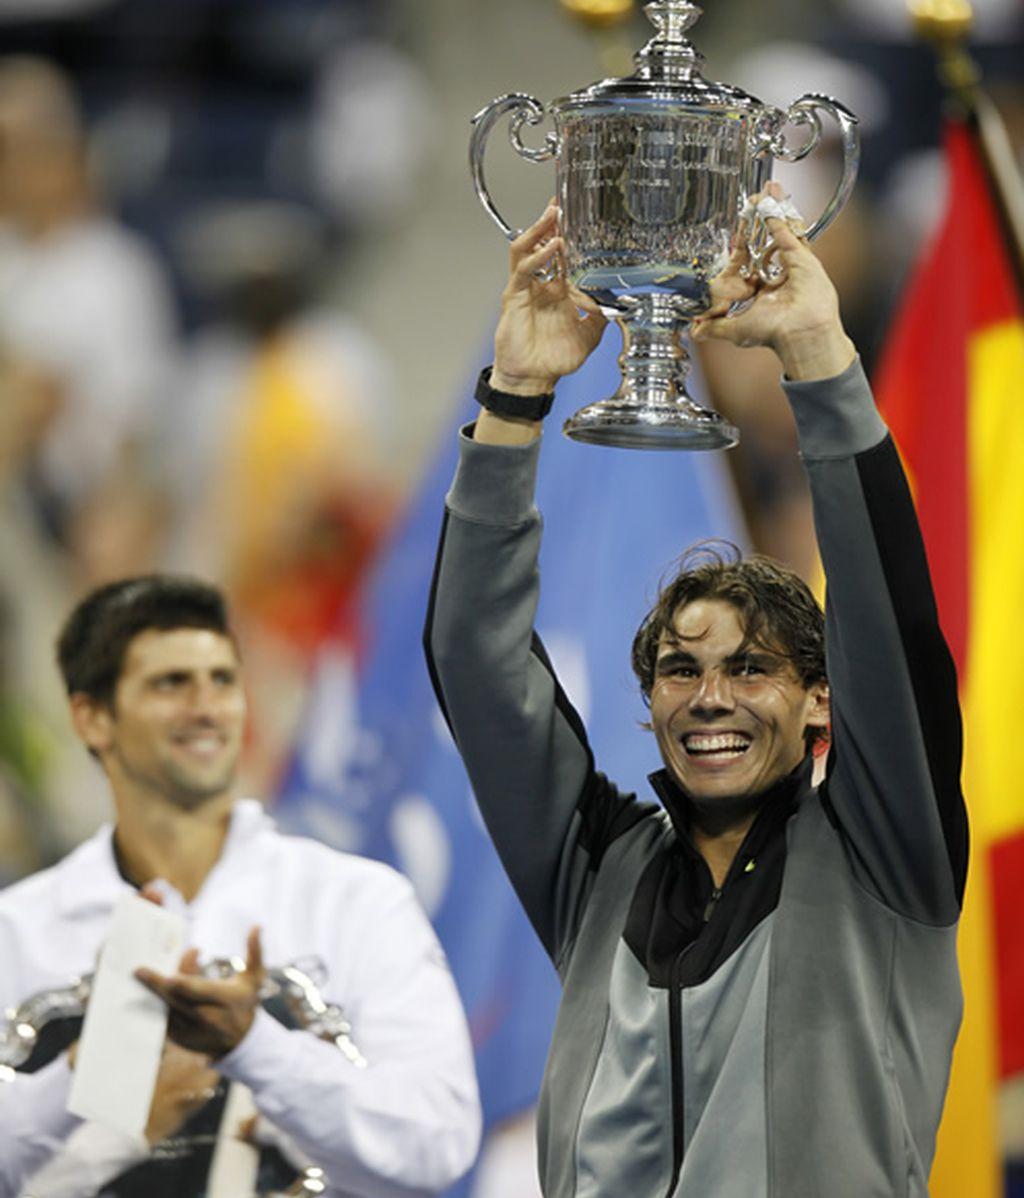 La bandera española suma un nuevo triunfo en el deporte